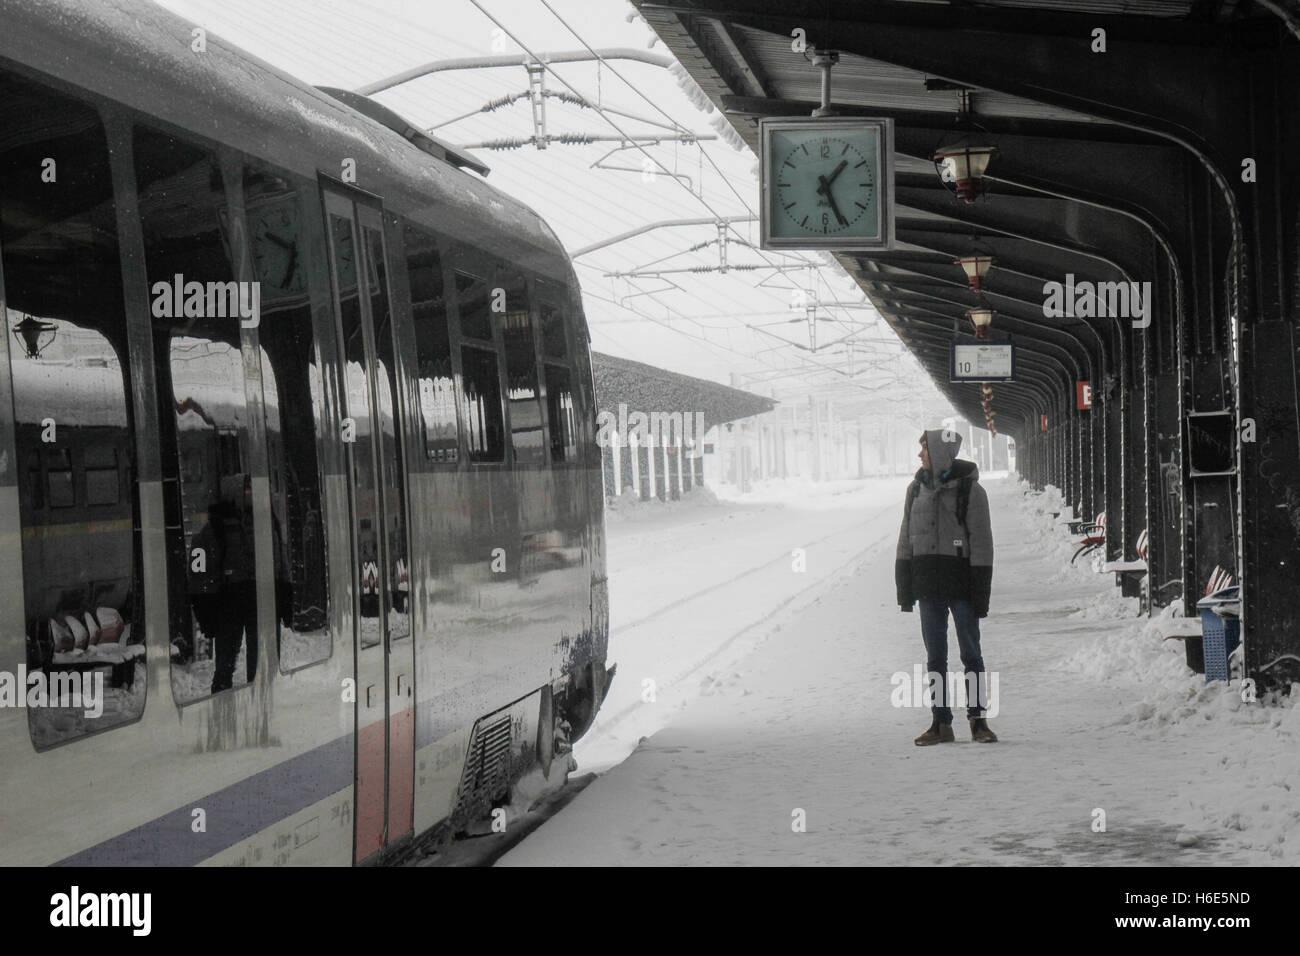 Homme recherche gare du nord